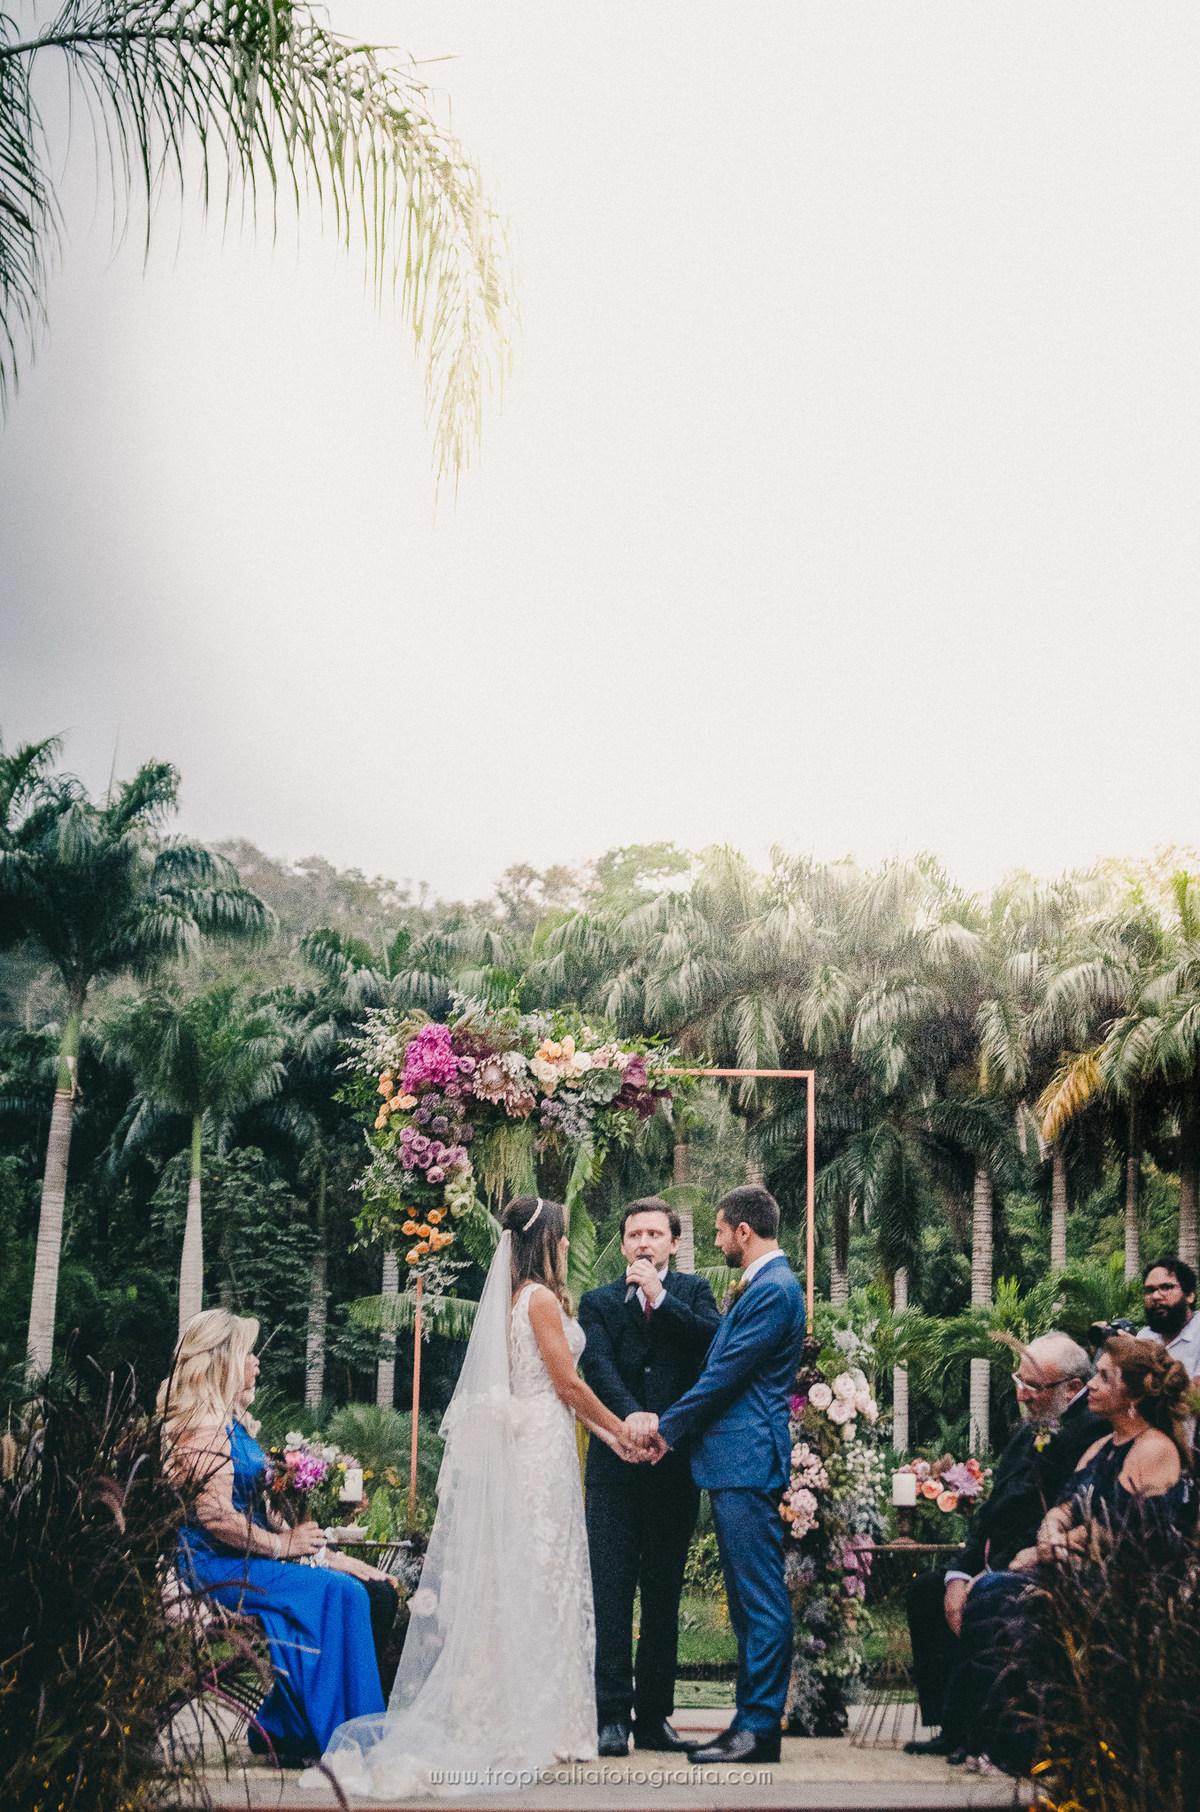 Casamento no Rio de Janeiro. Fotógrafo de casamento em Nova Friburgo. Foto de longe do altar, mostrando os noivos, o celebrante e os pais dos noivos. Ao fundo a decoração do altar com flores e as palmeiras do Lago Buriti.